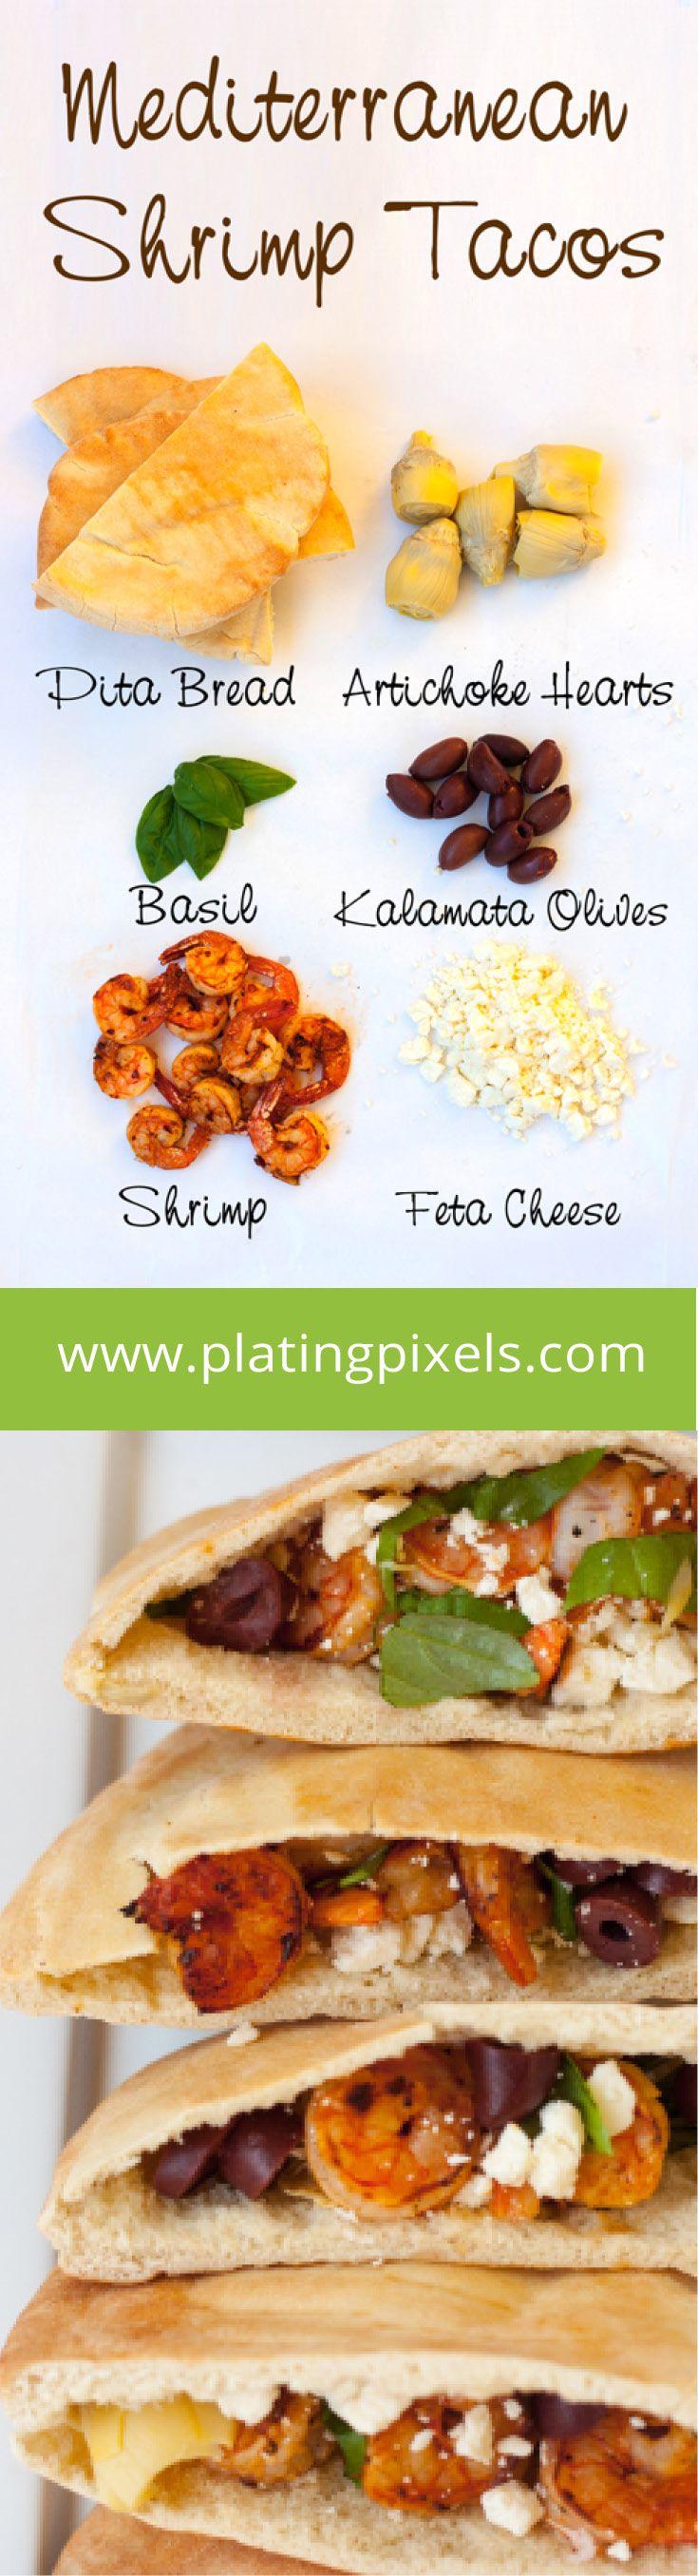 Mediterranean Shrimp Tacos by Plating Pixels. Shrimp tacos with a Mediterranean flair; made with pita bread, artichoke hearts, kalamata olives and feta cheese. - www.platingpixels.com